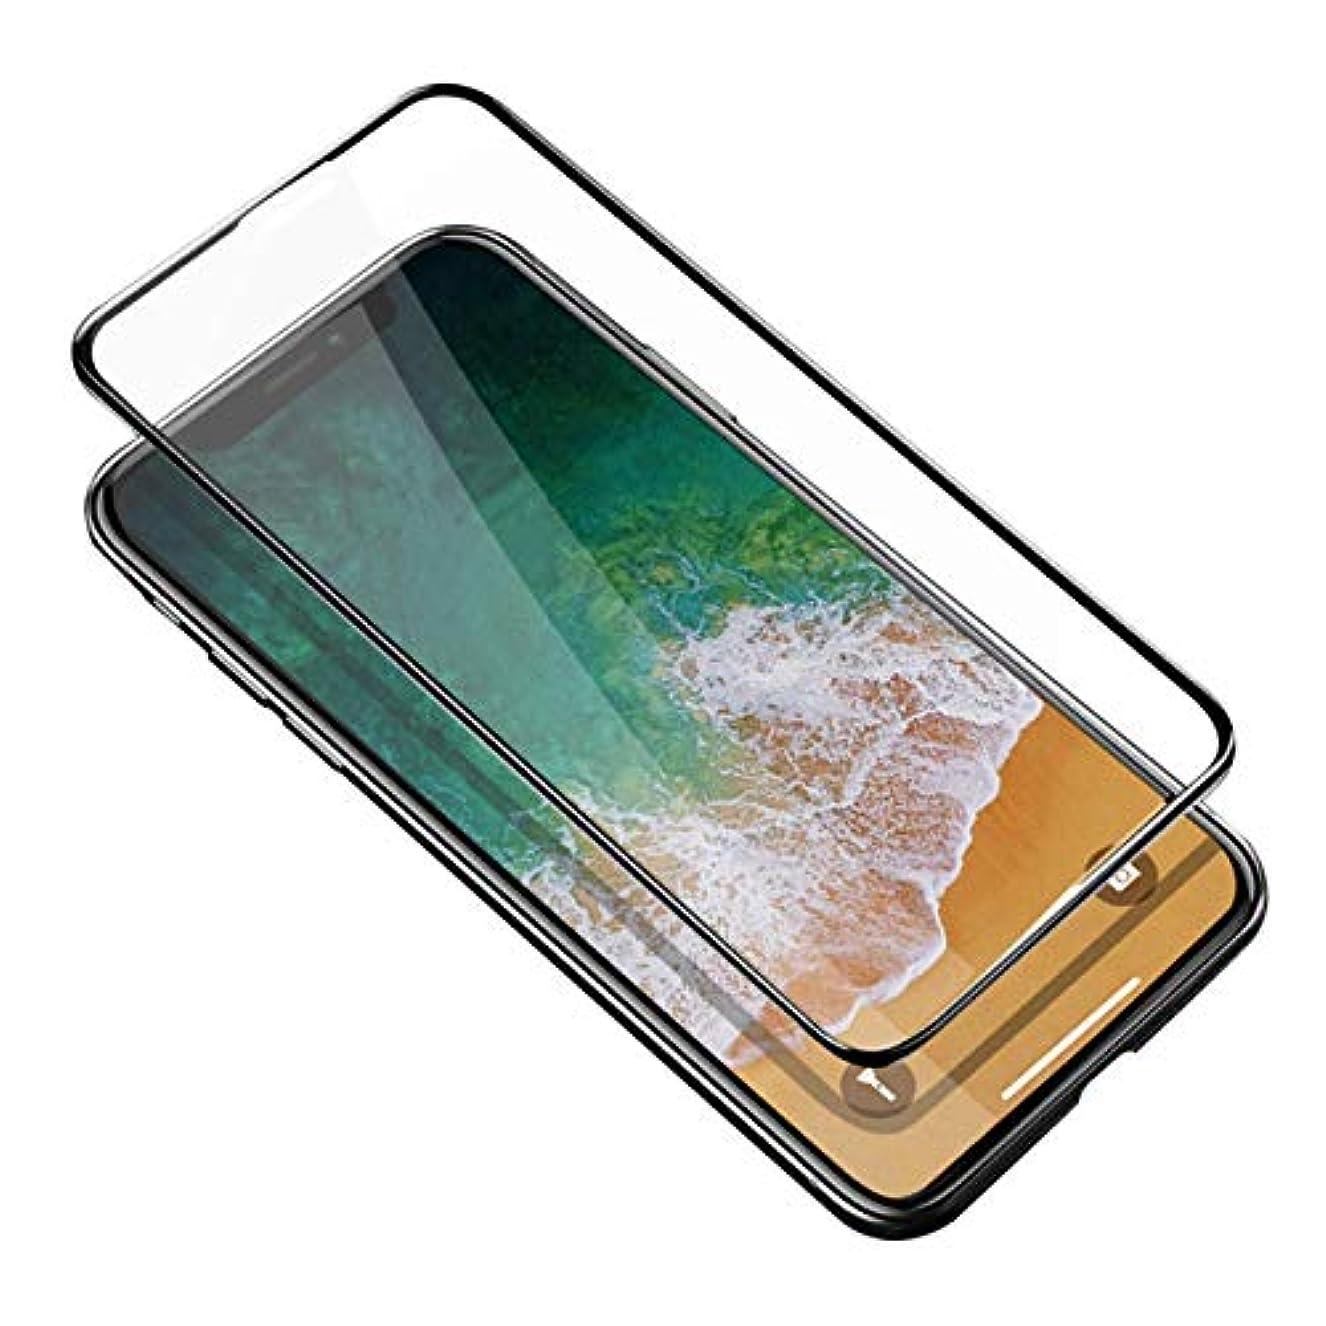 速いジャケット牧草地フィルムiPhone X 全面保護フィルム 画面鮮やか 高感度タッチ 透明 強化ガラスフィルム 保護フィルム 気泡ゼロ 耐衝撃 極薄 貼り付け簡単 飛散防止 液晶強化ガラス 背面クリア7038